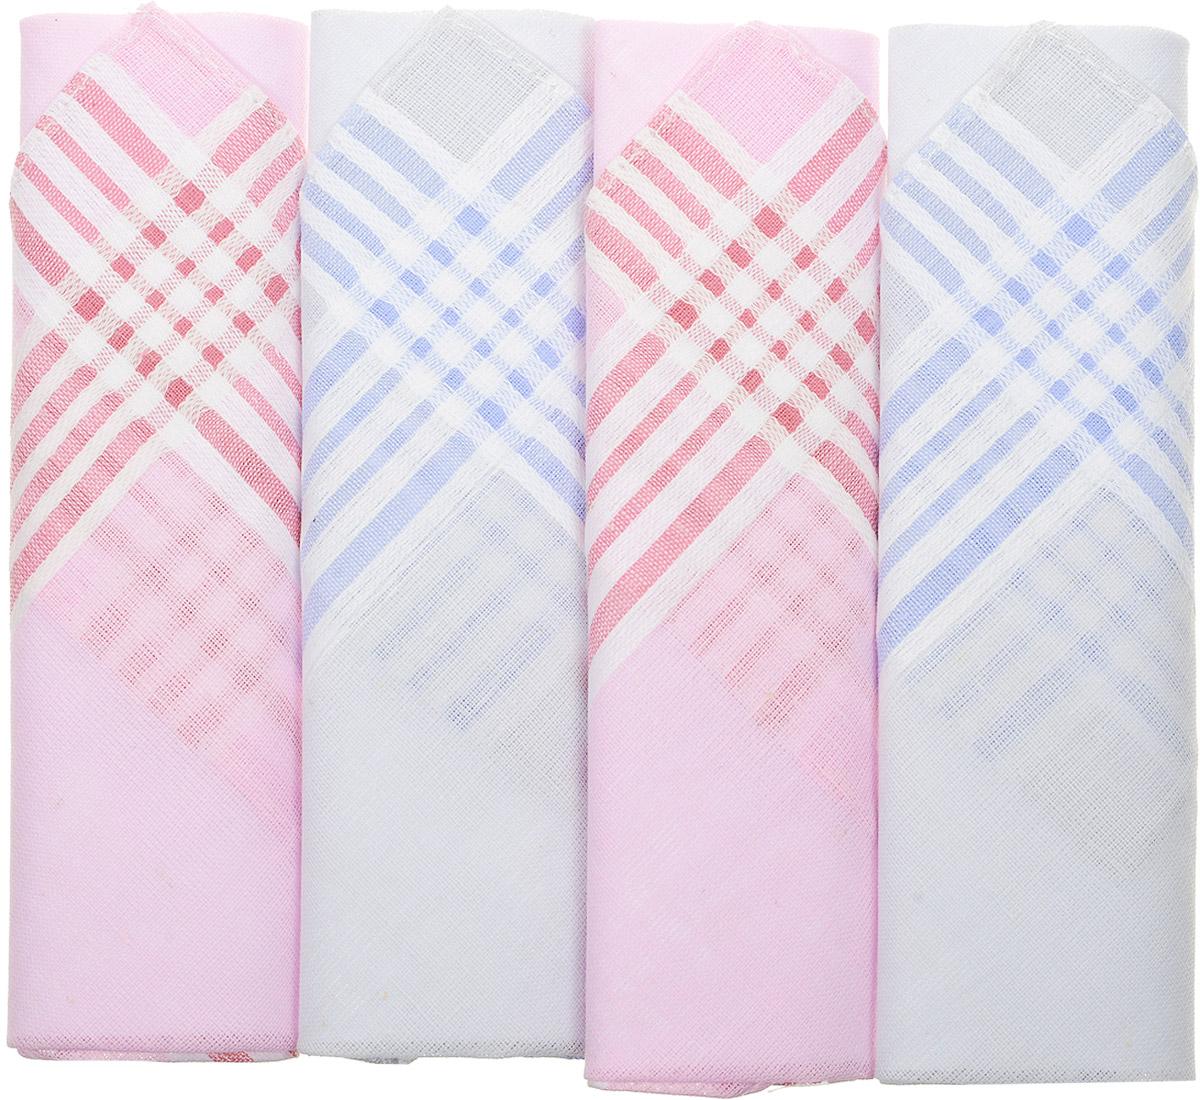 Платок носовой женский Zlata Korunka, цвет: мультиколор, 4 шт. 71420-23. Размер 28 см х 28 см71420-23